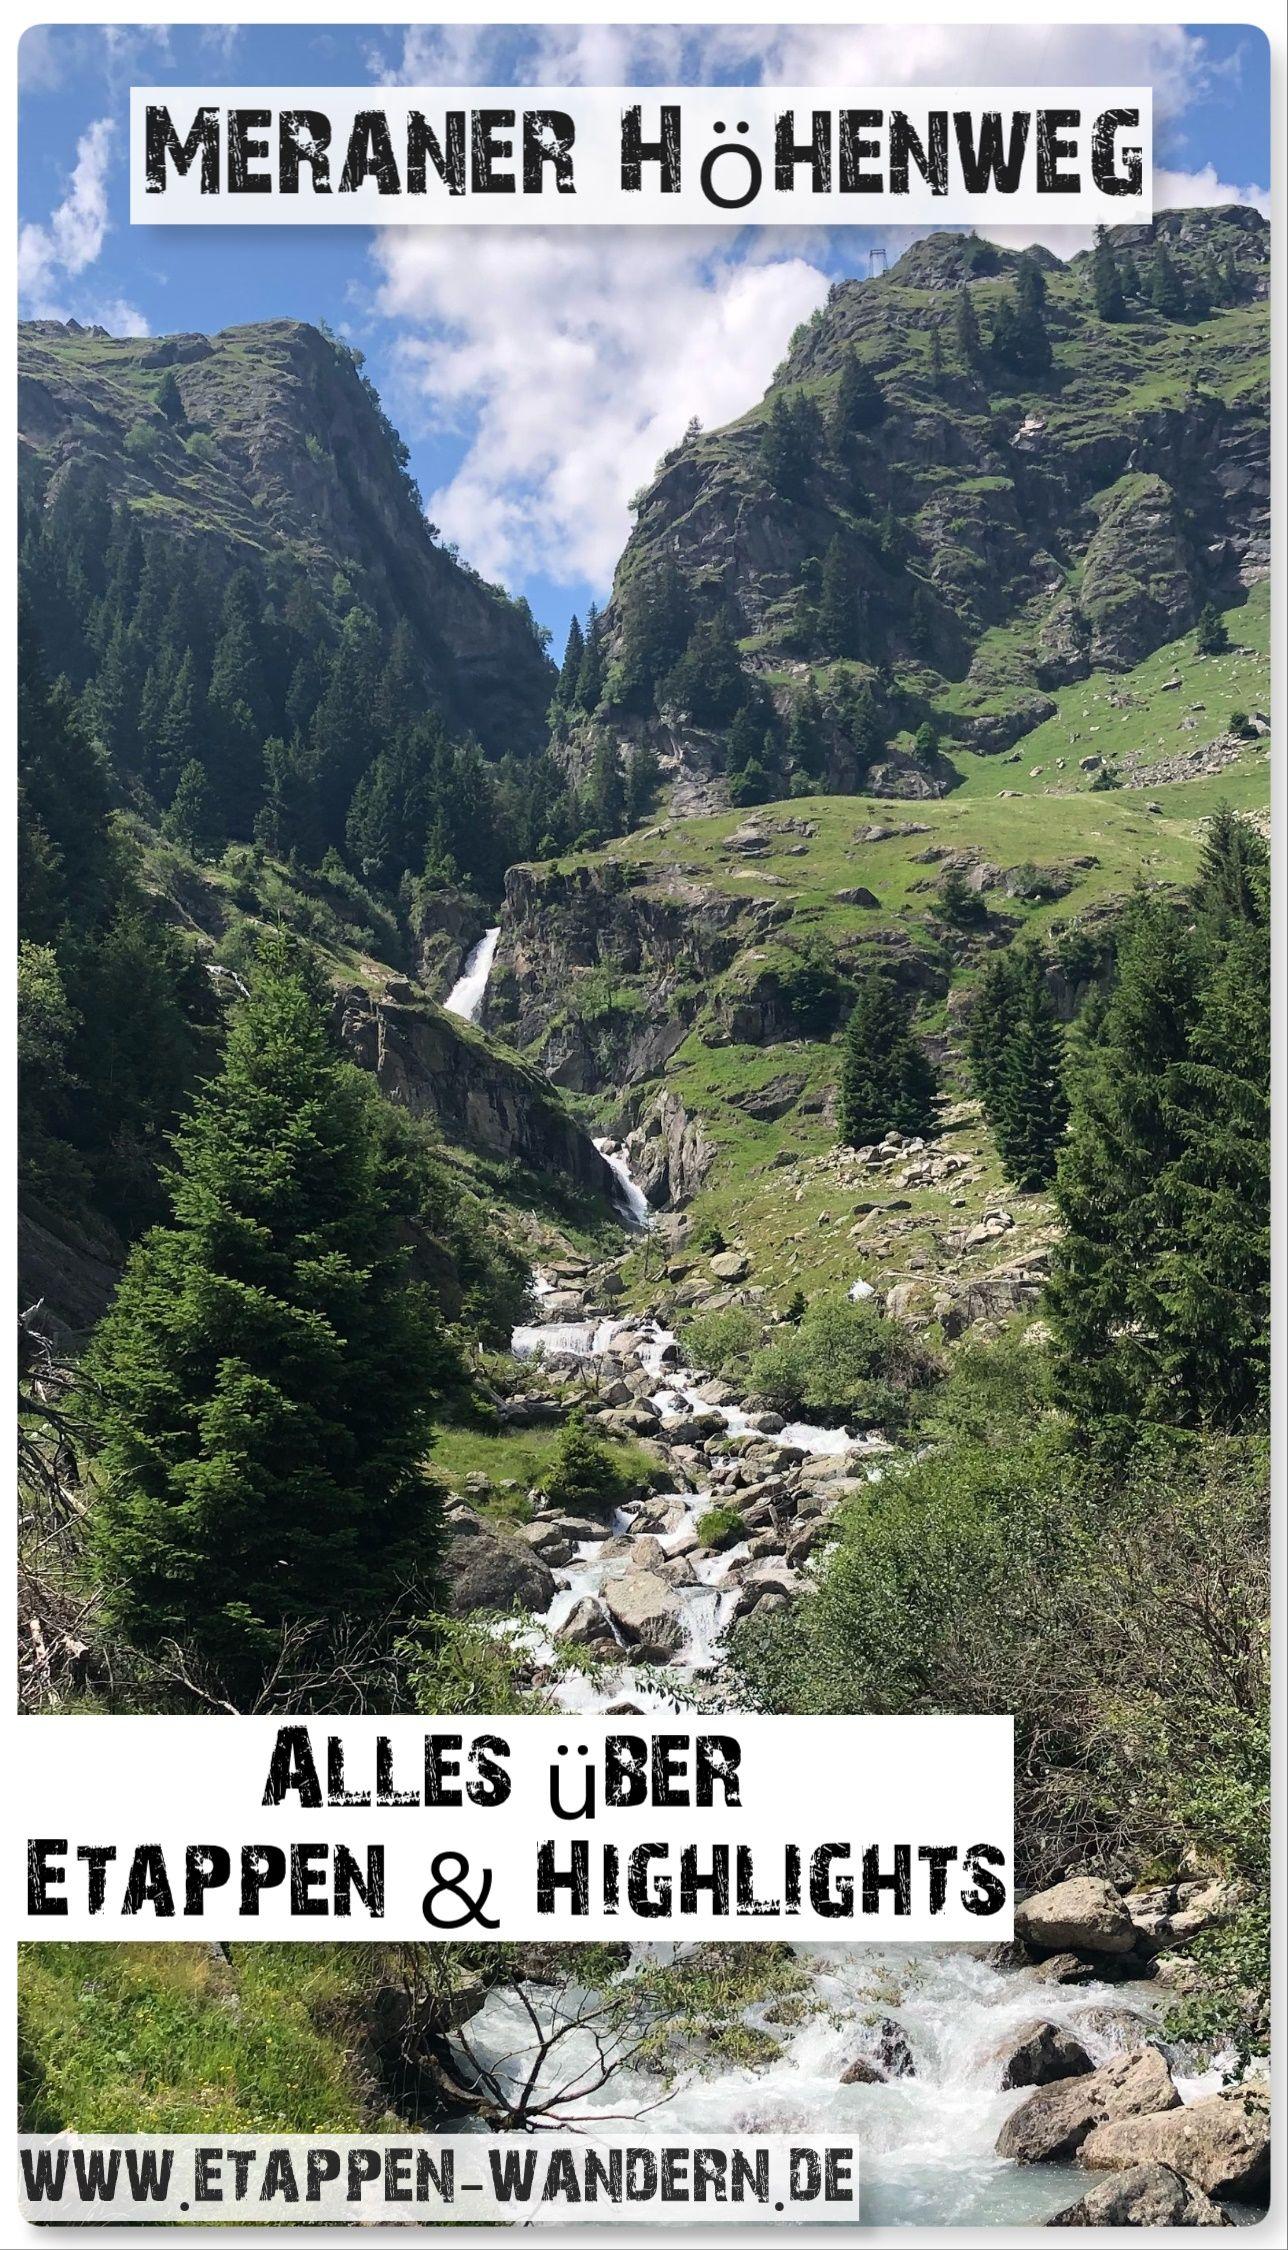 Meraner Höhenweg las etapas y lo más destacado